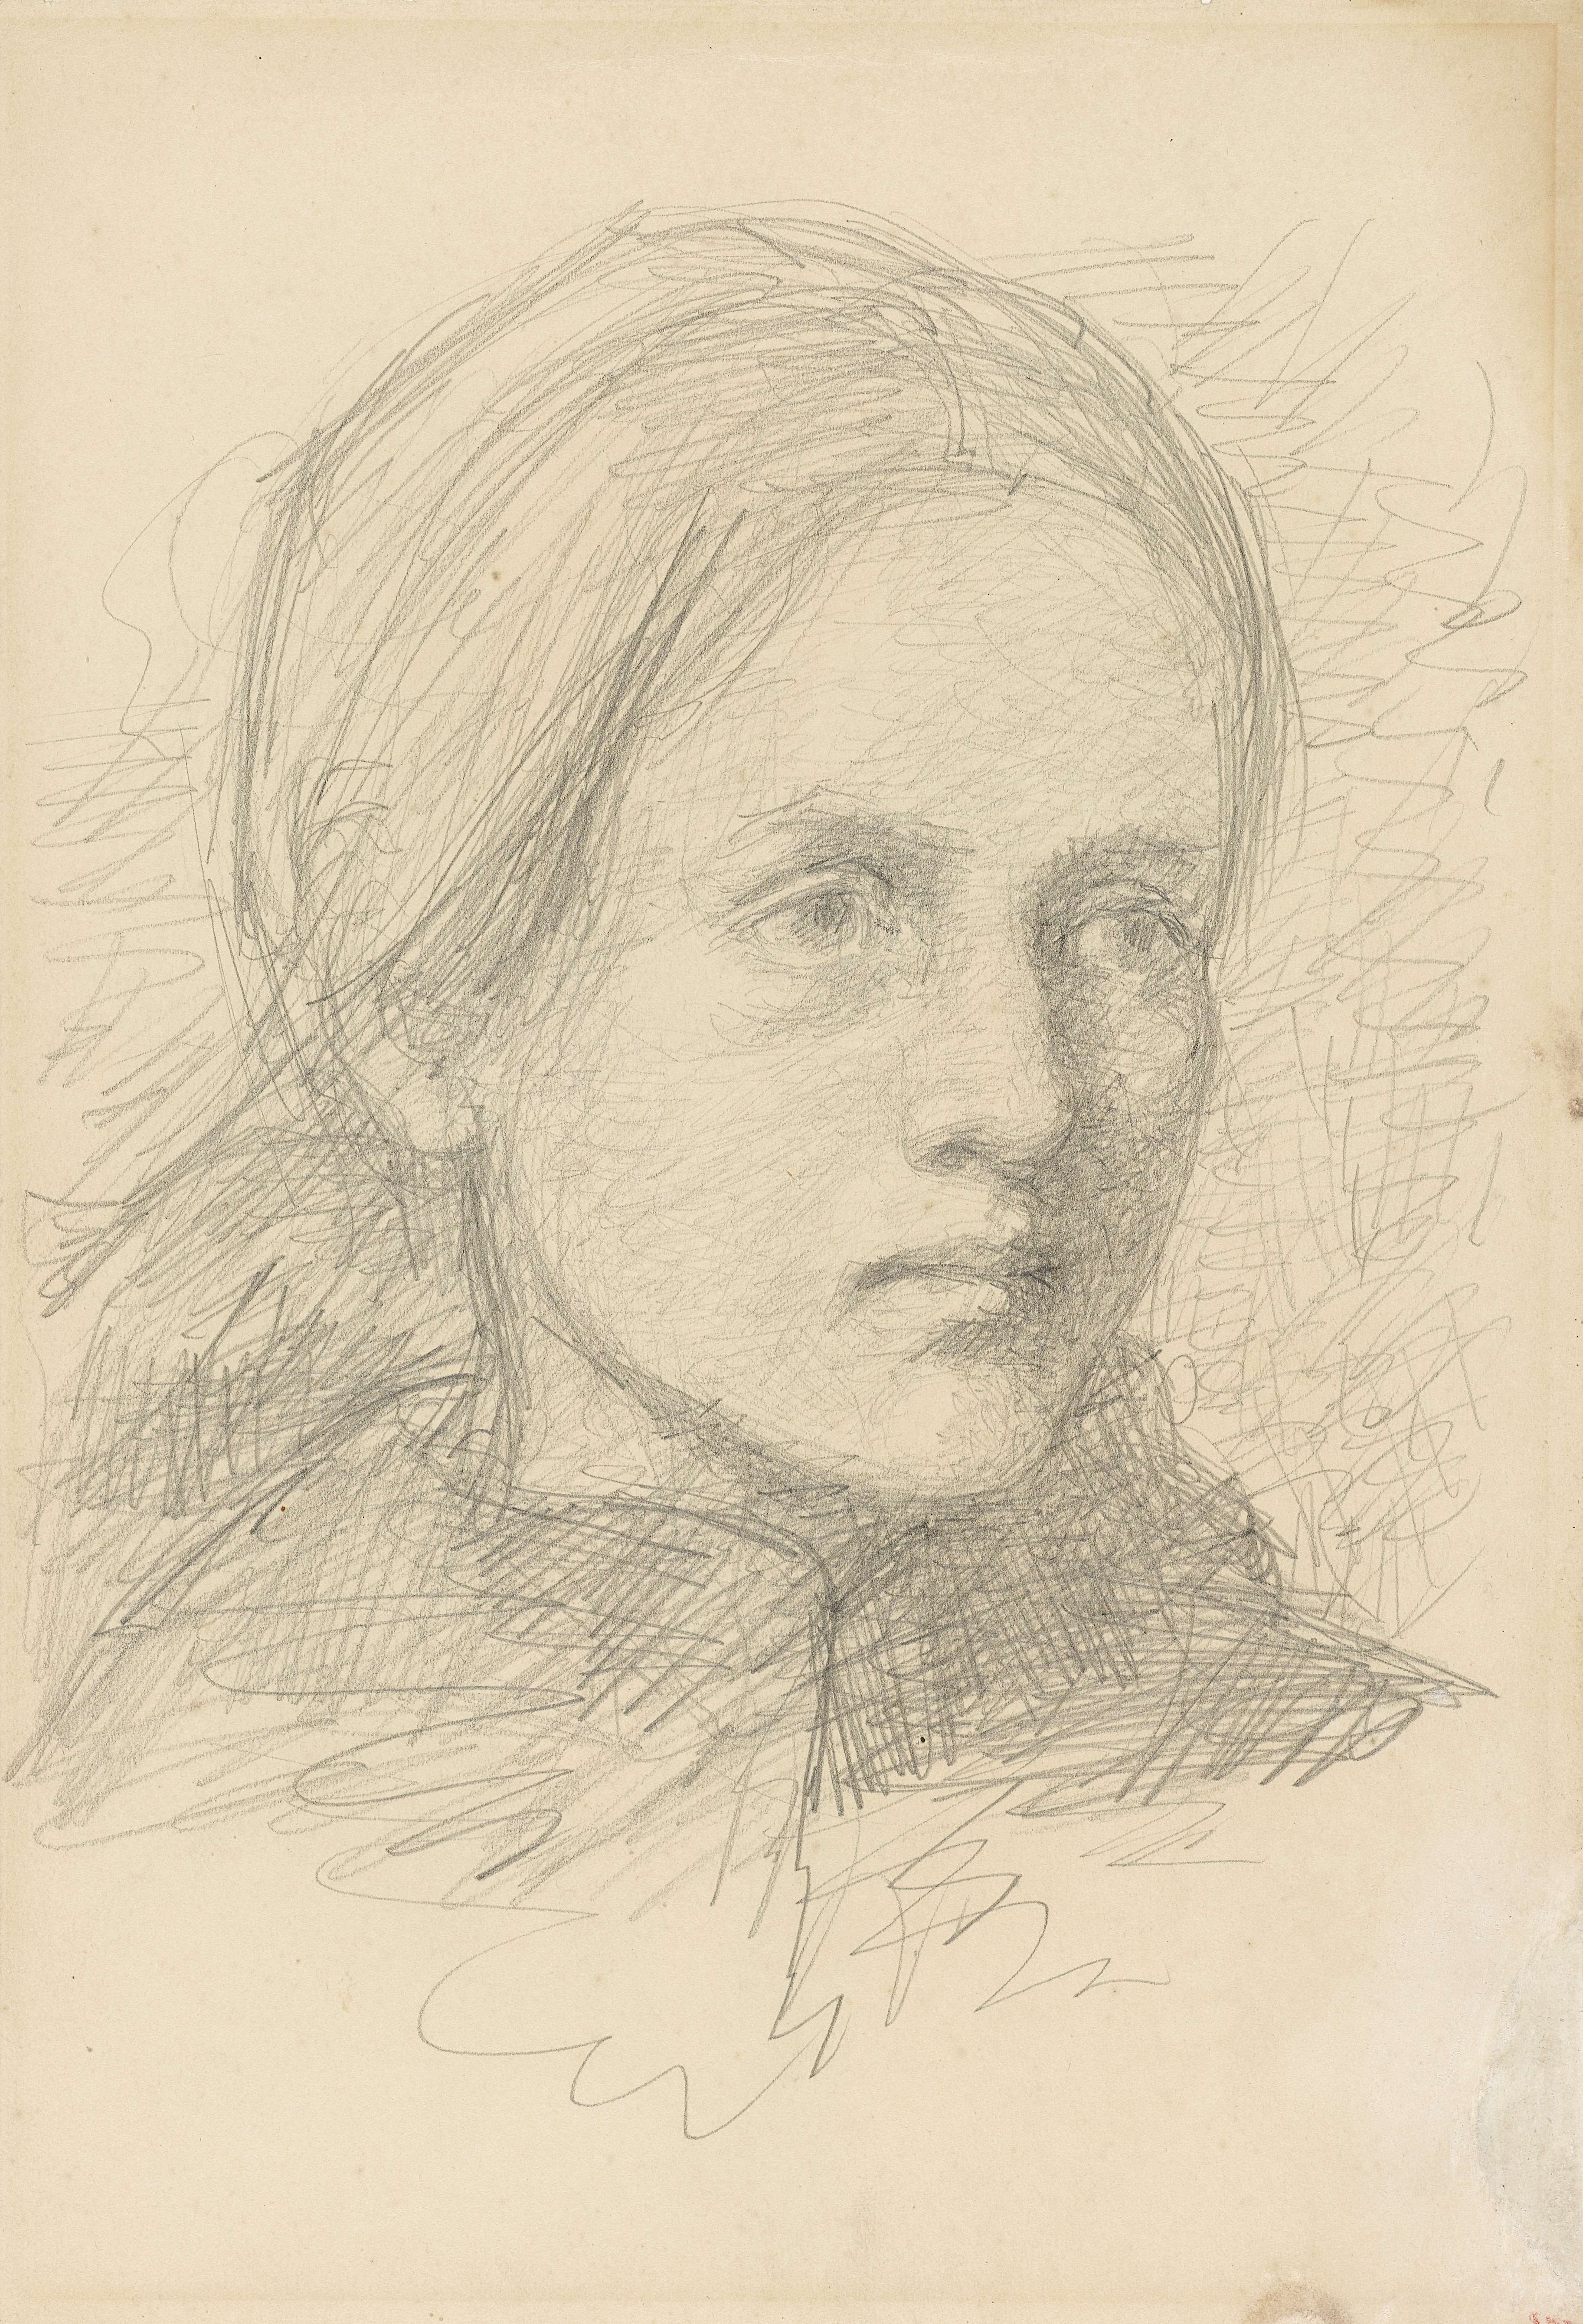 Jozef Israëls | Hoofd van een meisje, driekwart naar rechts, Jozef Israëls, 1834 - 1911 |